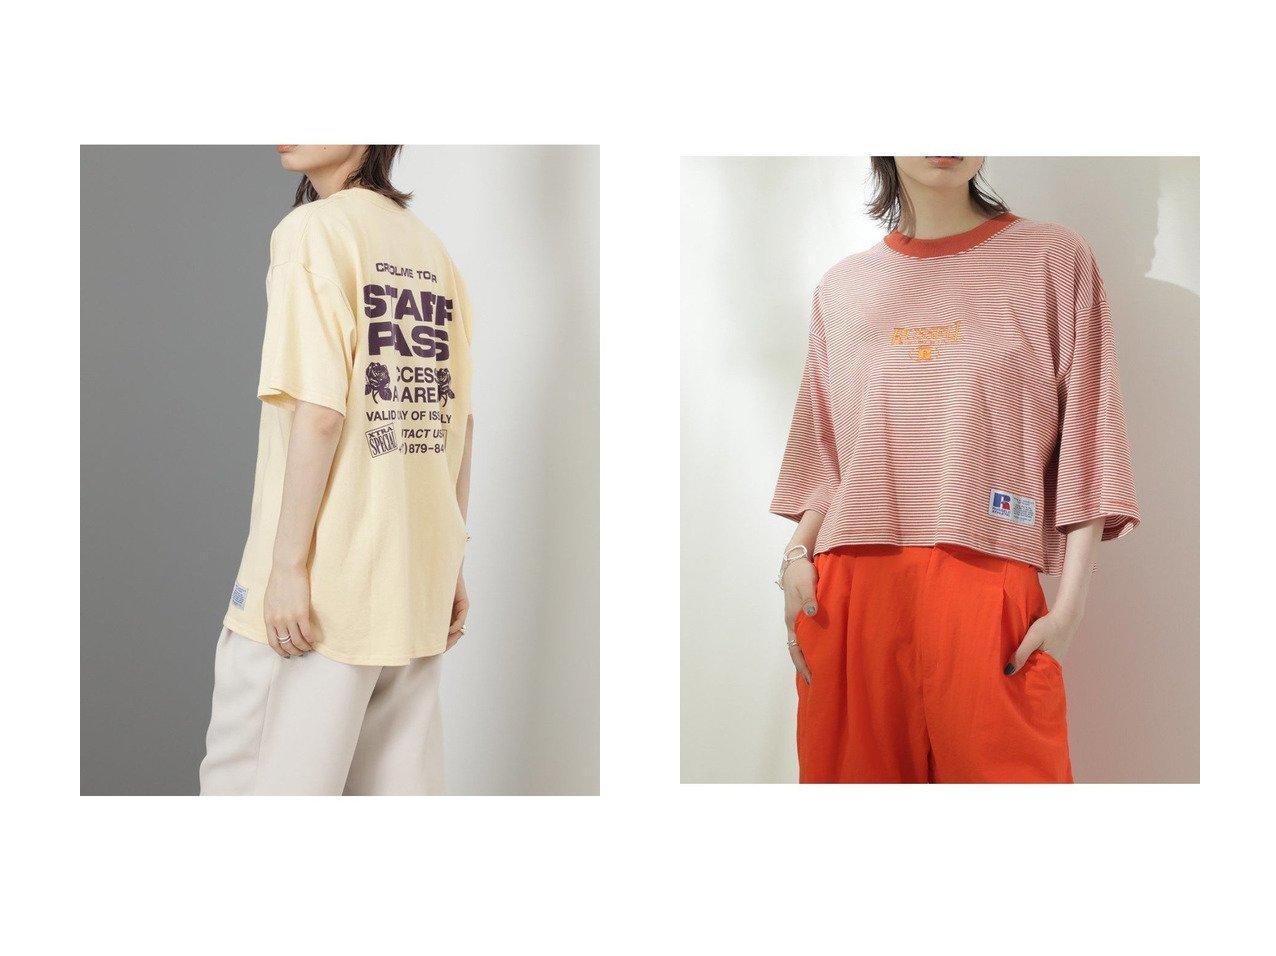 【ROSE BUD/ローズバッド】の〈RUSSELL ATHLETIC×CREOLME〉スタッフパスTシャツ&〈RUSSELL ATHLETIC×CREOLME〉クロップドボーダーTシャツ 【トップス・カットソー】おすすめ!人気、トレンド・レディースファッションの通販 おすすめで人気の流行・トレンド、ファッションの通販商品 インテリア・家具・メンズファッション・キッズファッション・レディースファッション・服の通販 founy(ファニー) https://founy.com/ ファッション Fashion レディースファッション WOMEN トップス・カットソー Tops/Tshirt シャツ/ブラウス Shirts/Blouses ロング / Tシャツ T-Shirts 2021年 2021 2021-2022秋冬・A/W AW・Autumn/Winter・FW・Fall-Winter・2021-2022 A/W・秋冬 AW・Autumn/Winter・FW・Fall-Winter グラフィック プリント ラッセル 別注  ID:crp329100000054632